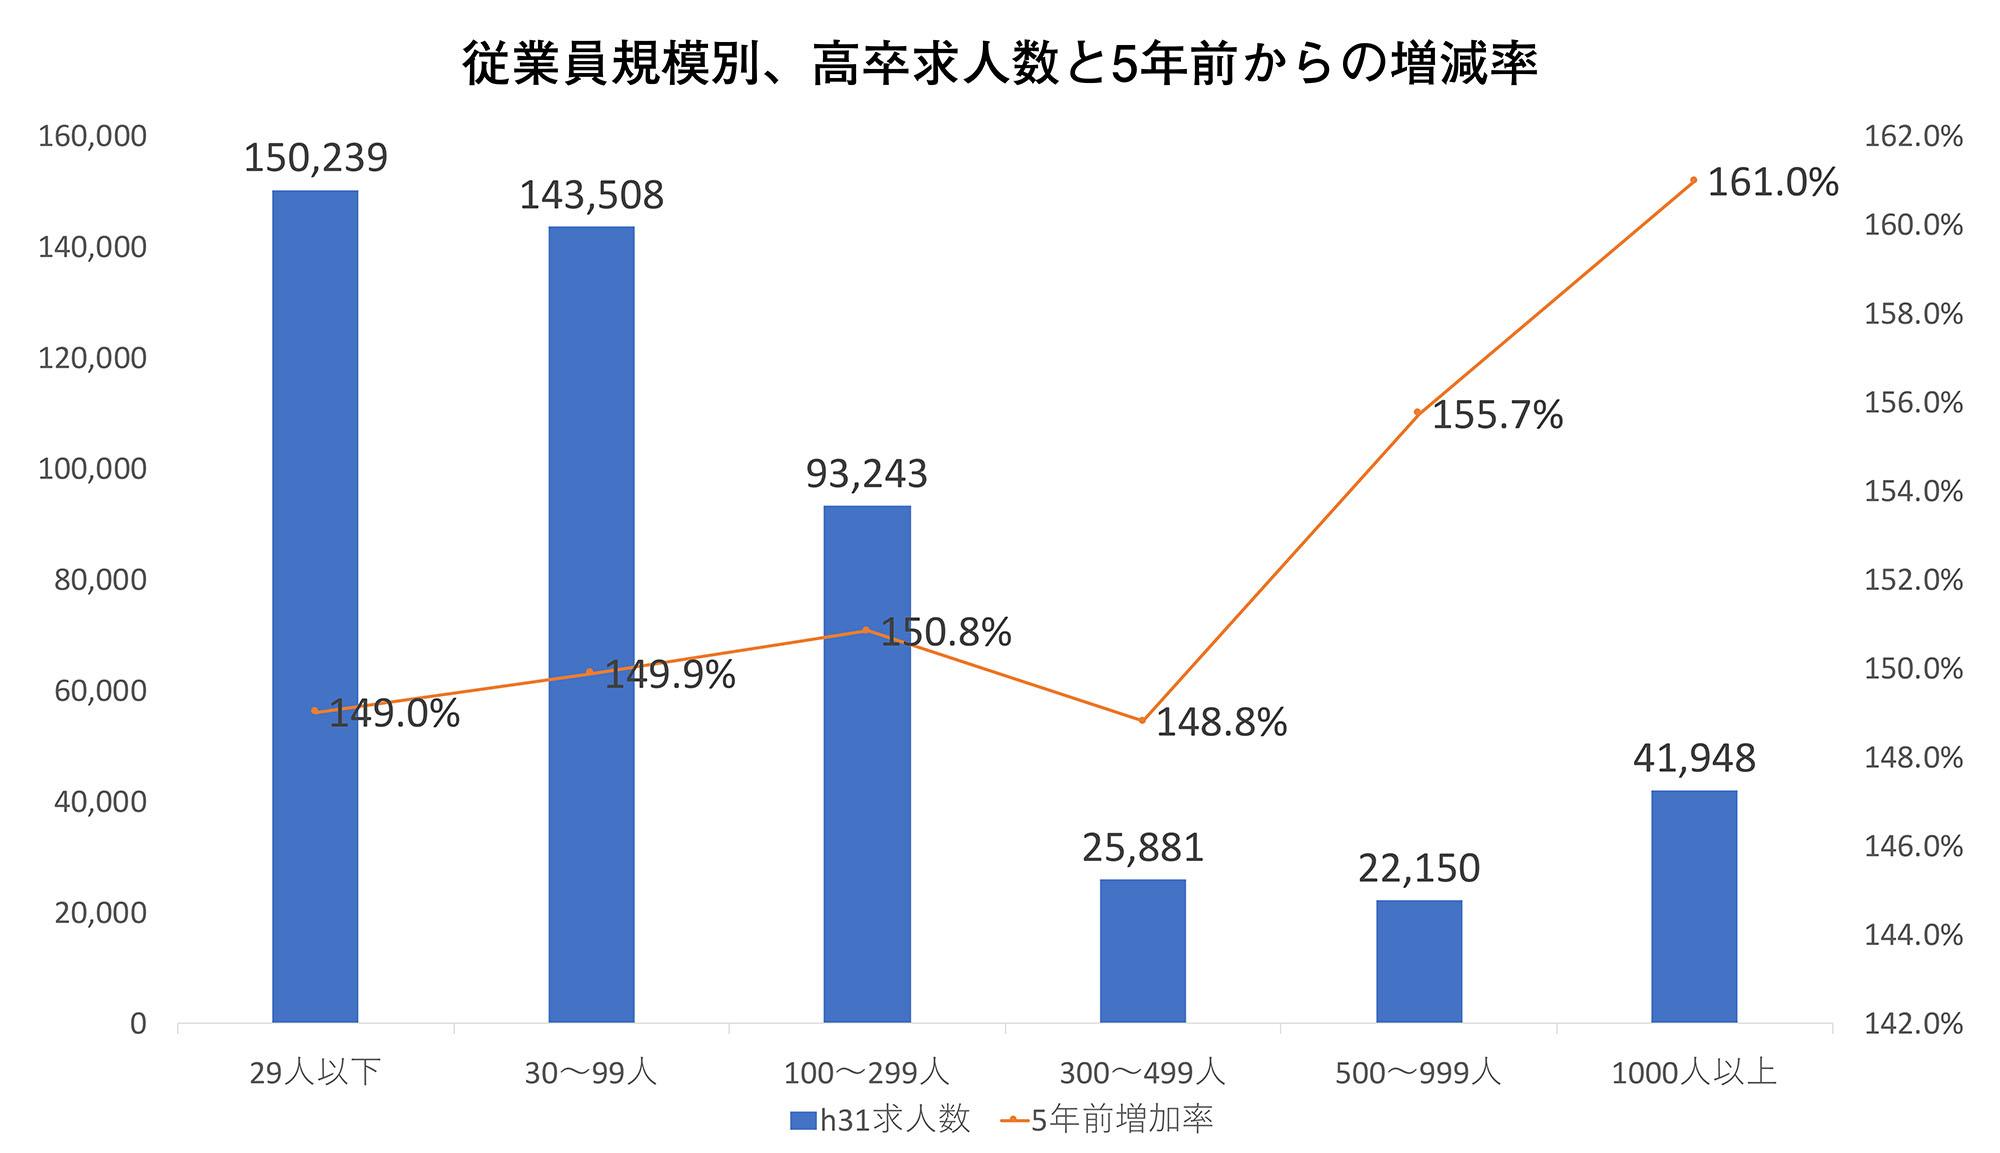 従業員規模別、高卒求人数と5年前からの増減率